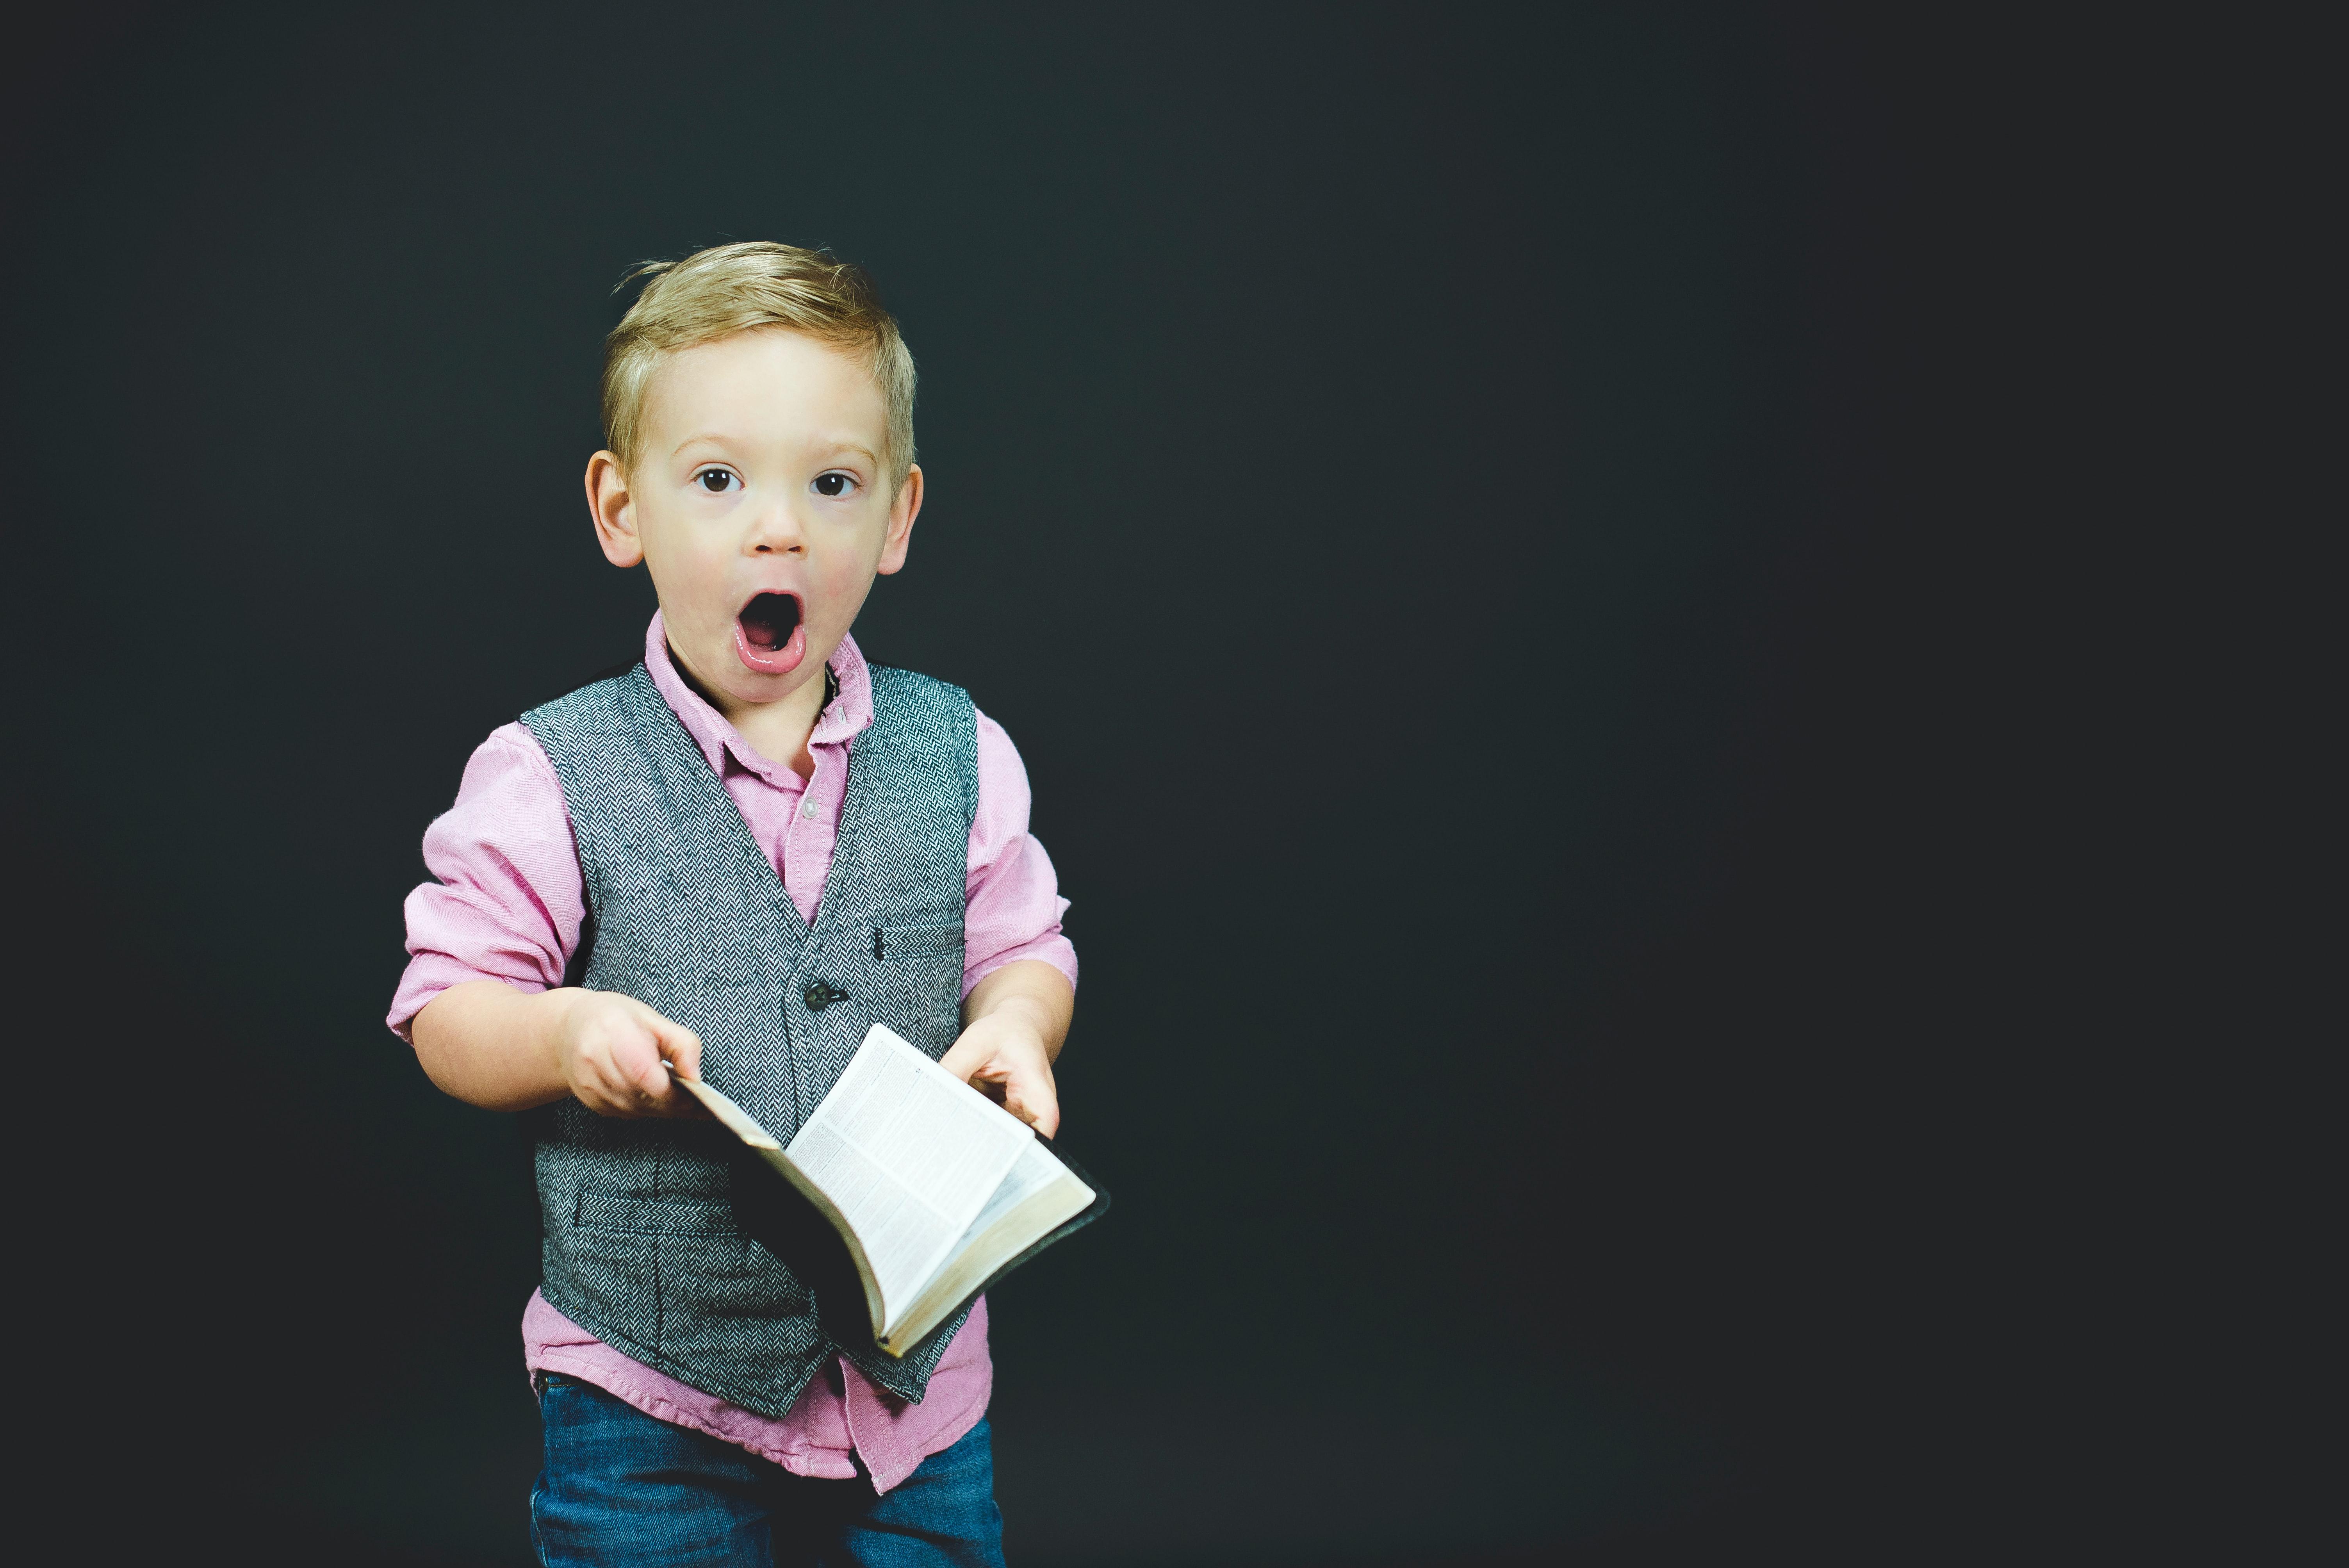 Un enfant avec un livre étonné des idées reçu sur les écoles Montessori